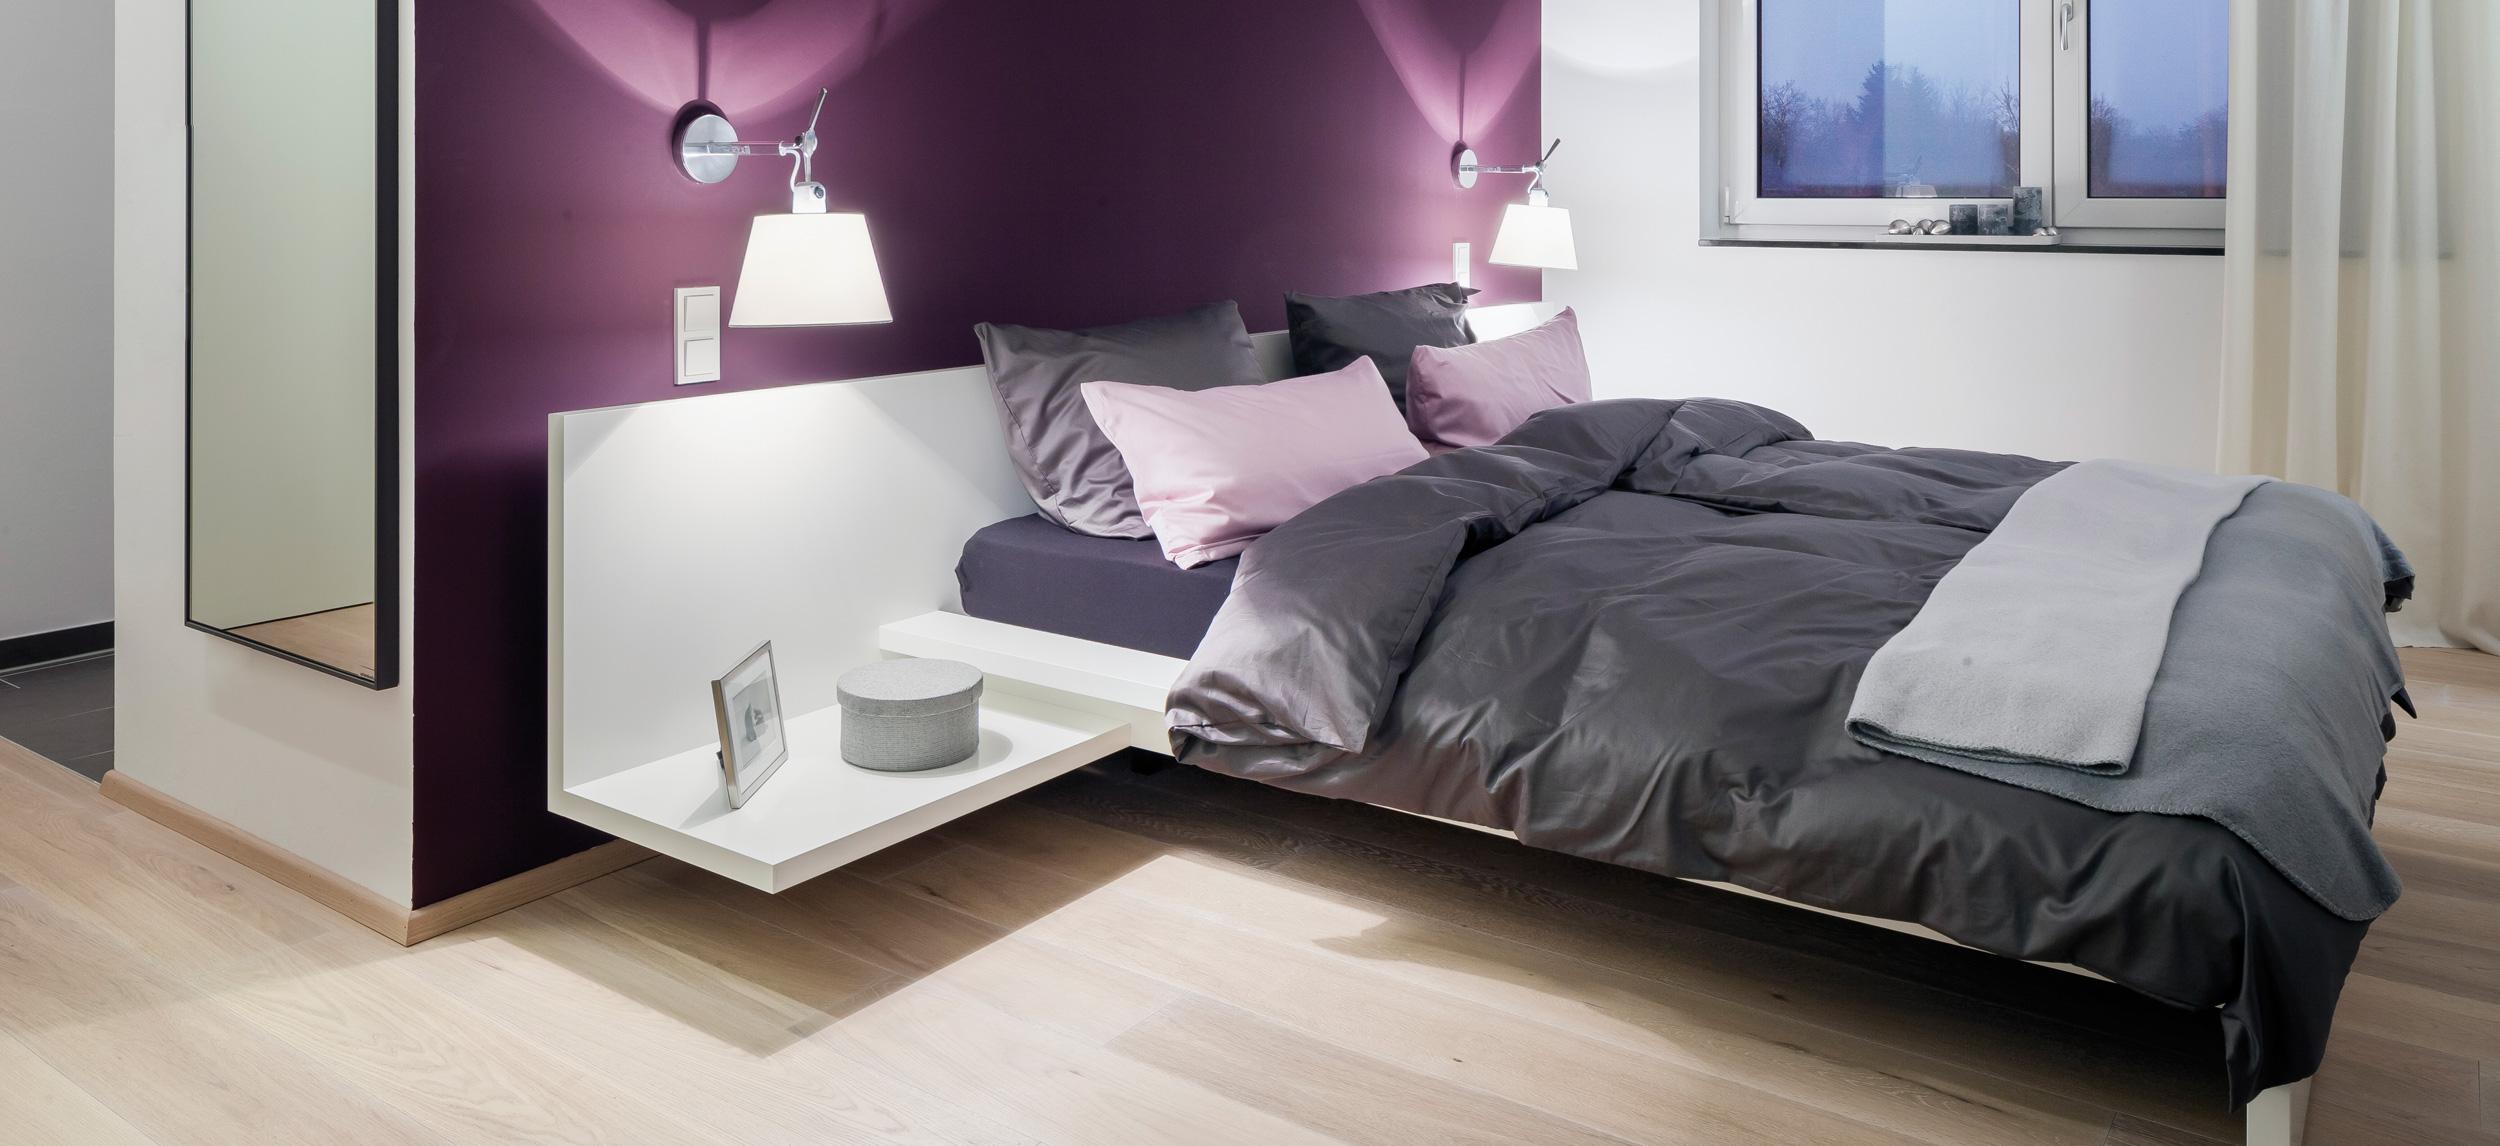 Schlafzimmer  Wohnen  Themen  Stoll Online Shop